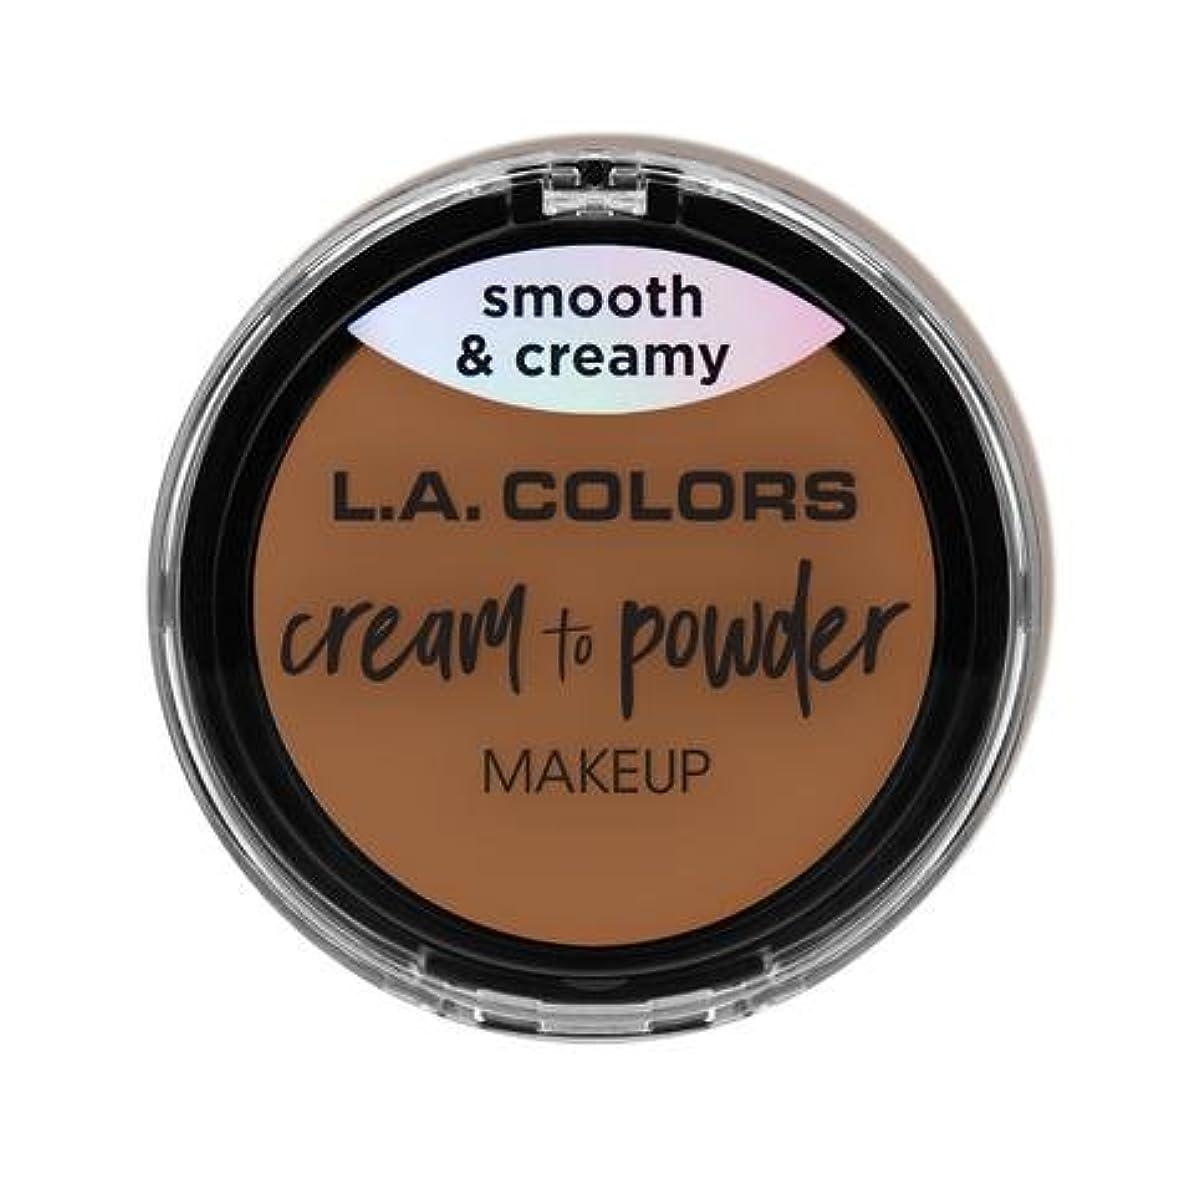 航空コットン謝る(3 Pack) L.A. COLORS Cream To Powder Foundation - Sand (並行輸入品)